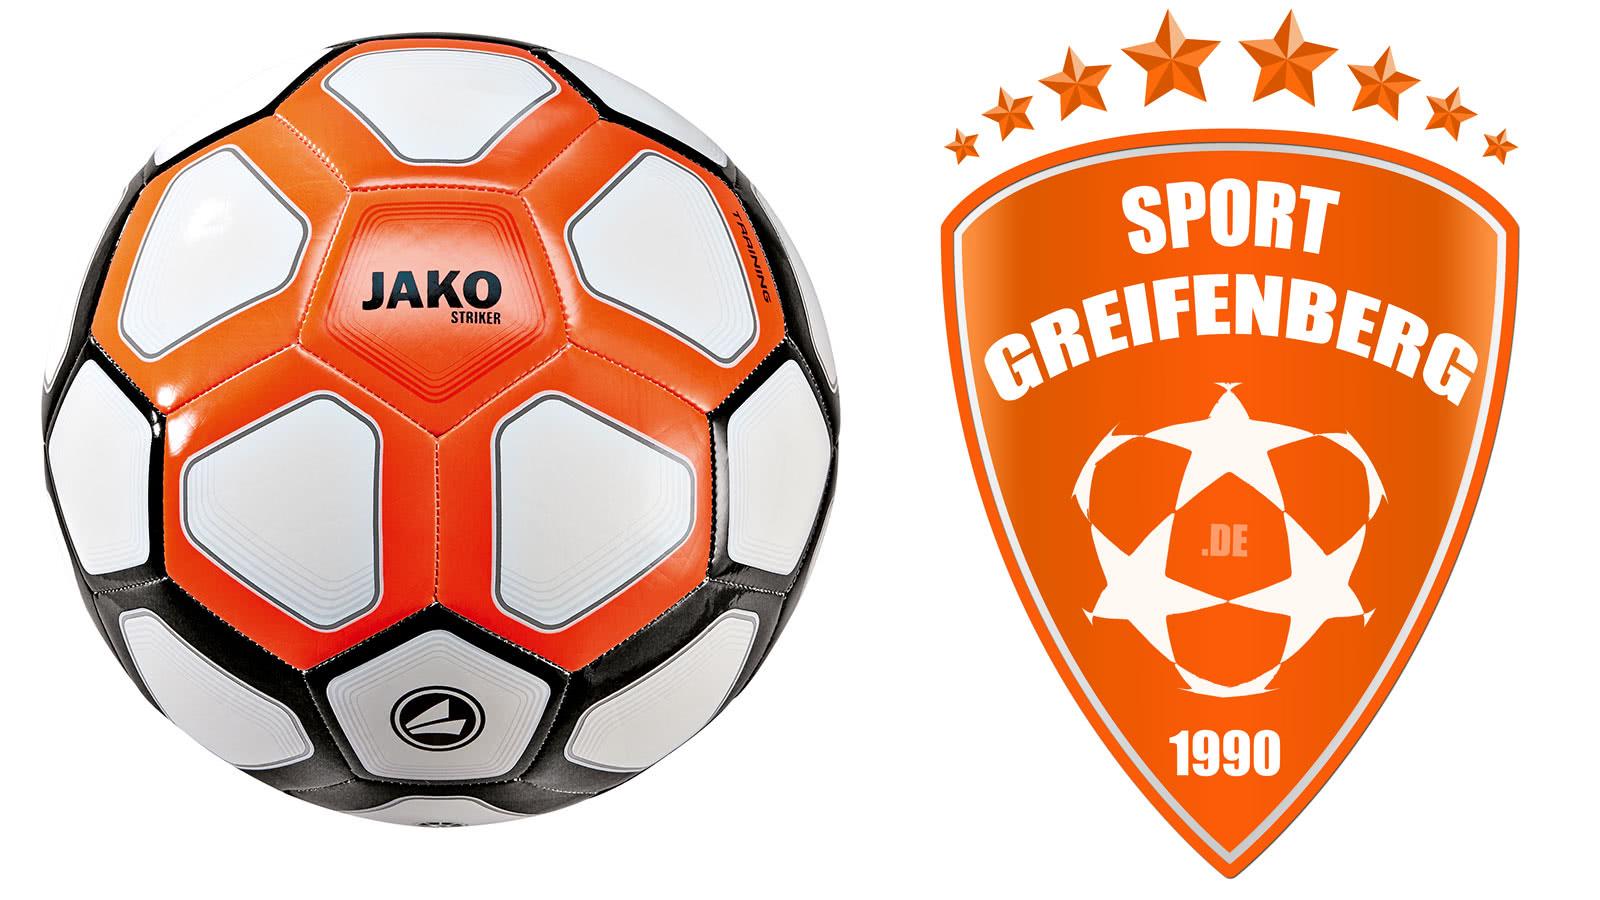 Jetzt einen Fußball mit eigenen Logo bedrucken